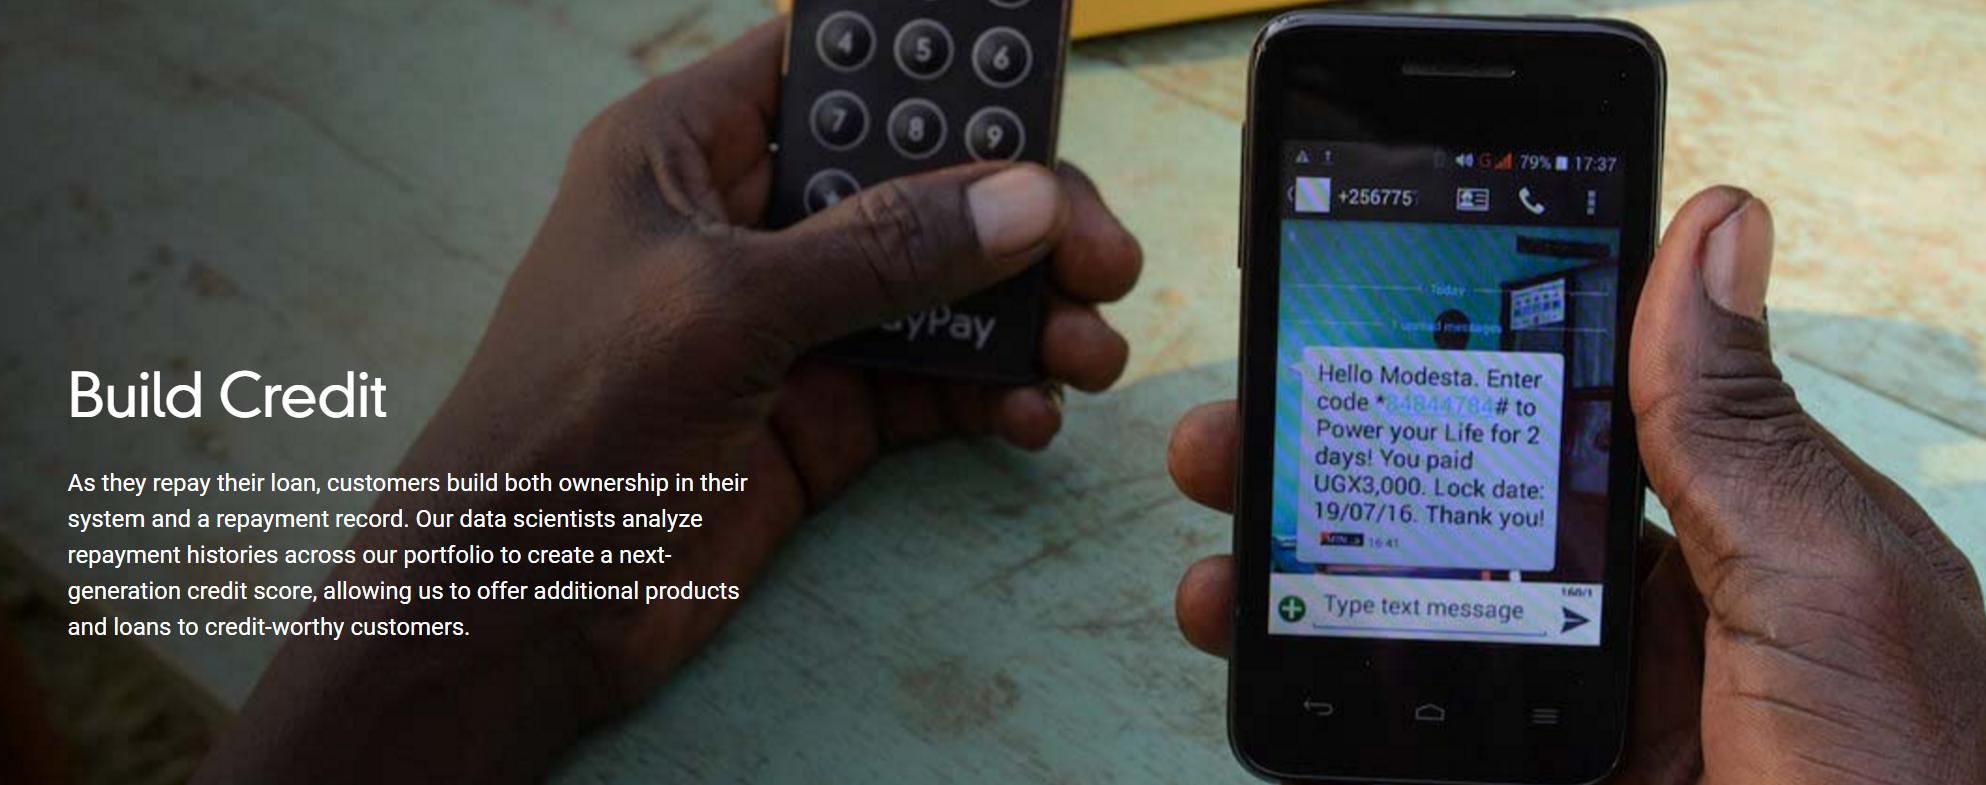 太阳能初创公司获400万美元融资这家公司要给非洲带来光明和金融 太阳能 第2张-泥人传说